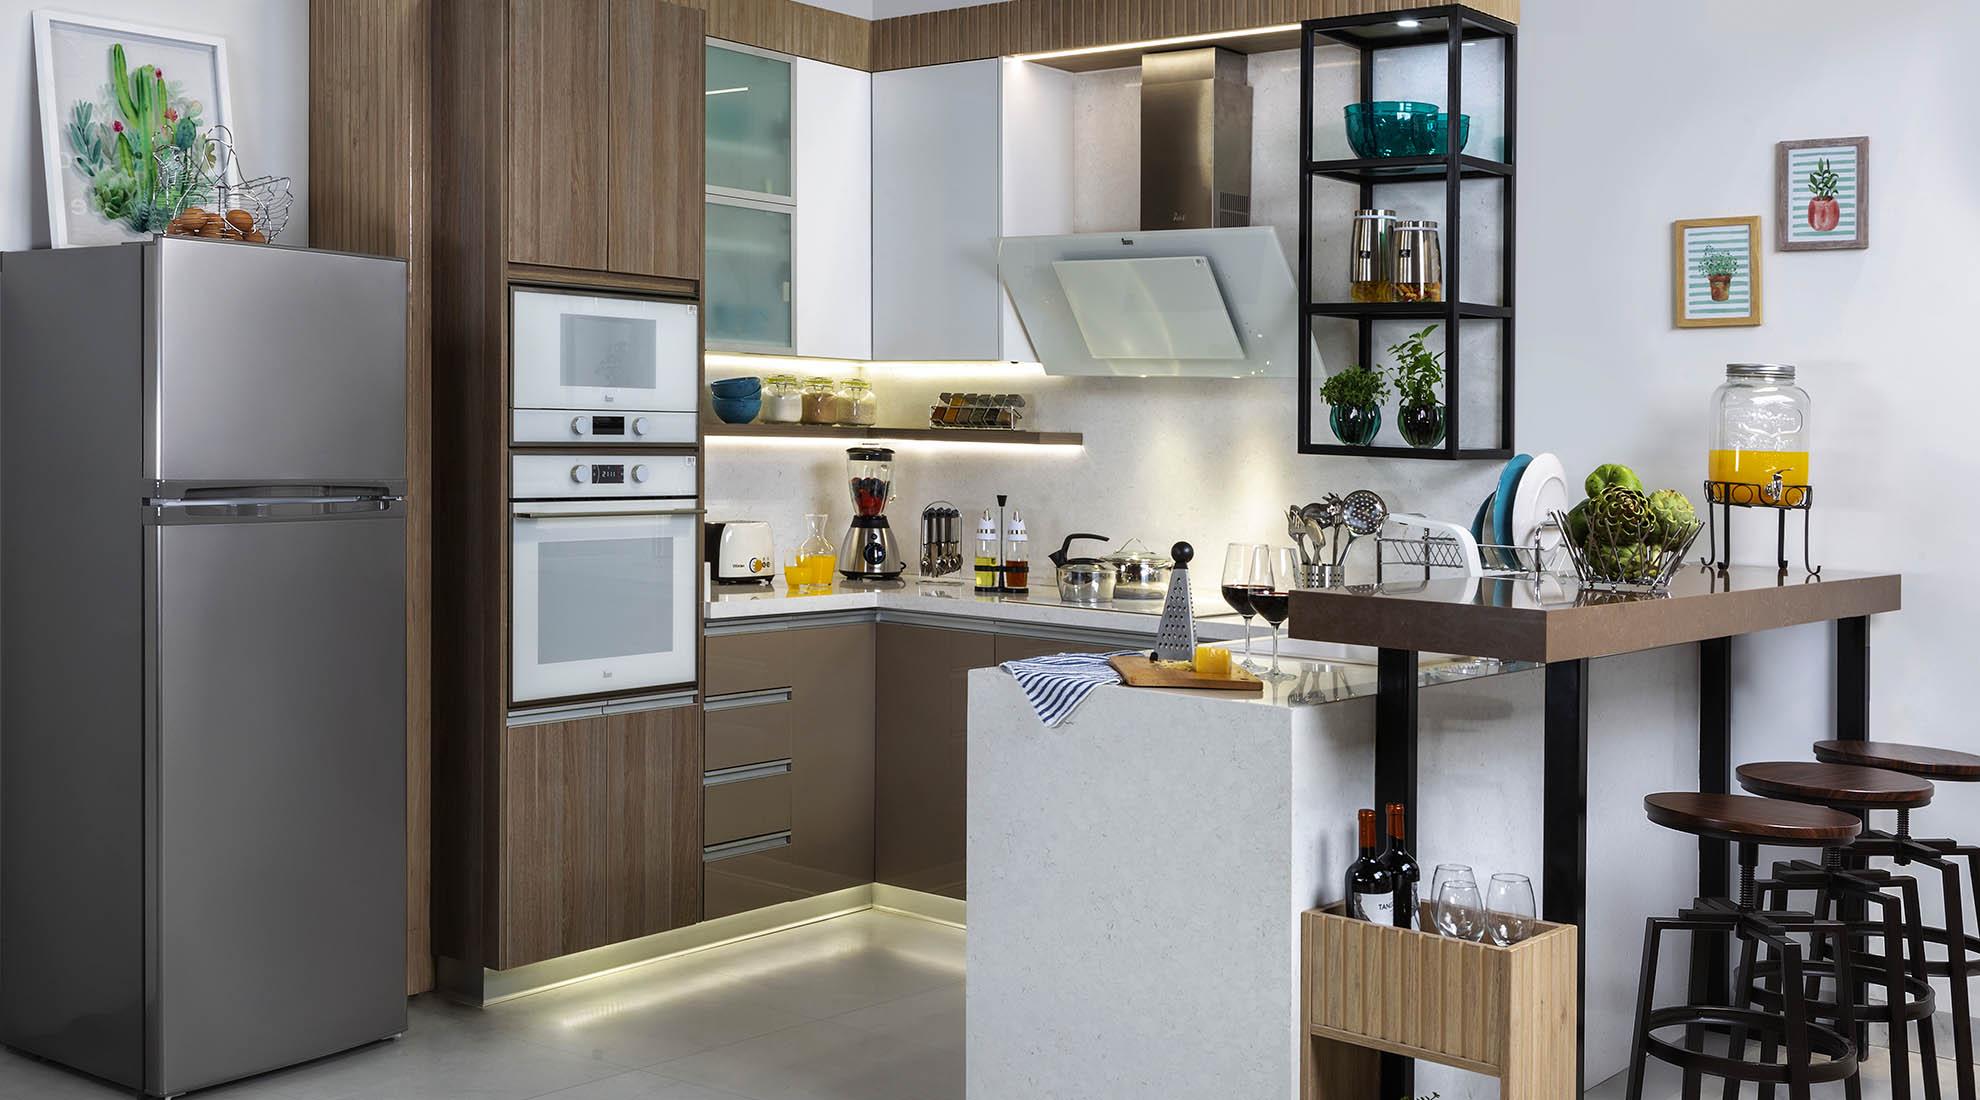 Cocina integrada: las claves para organizar un espacio ideal